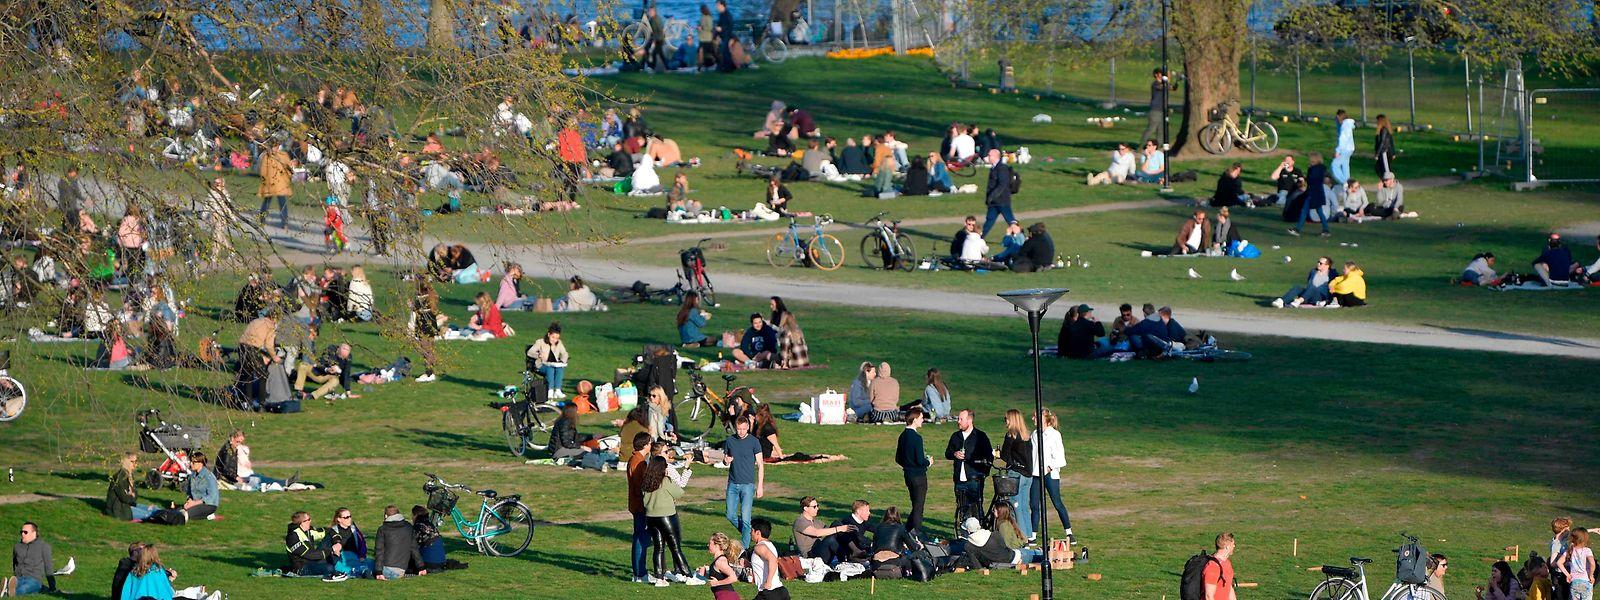 Schweden geht in Sachen Corona einen Sonderweg. Die Nachbarländer reagieren misstrauisch.